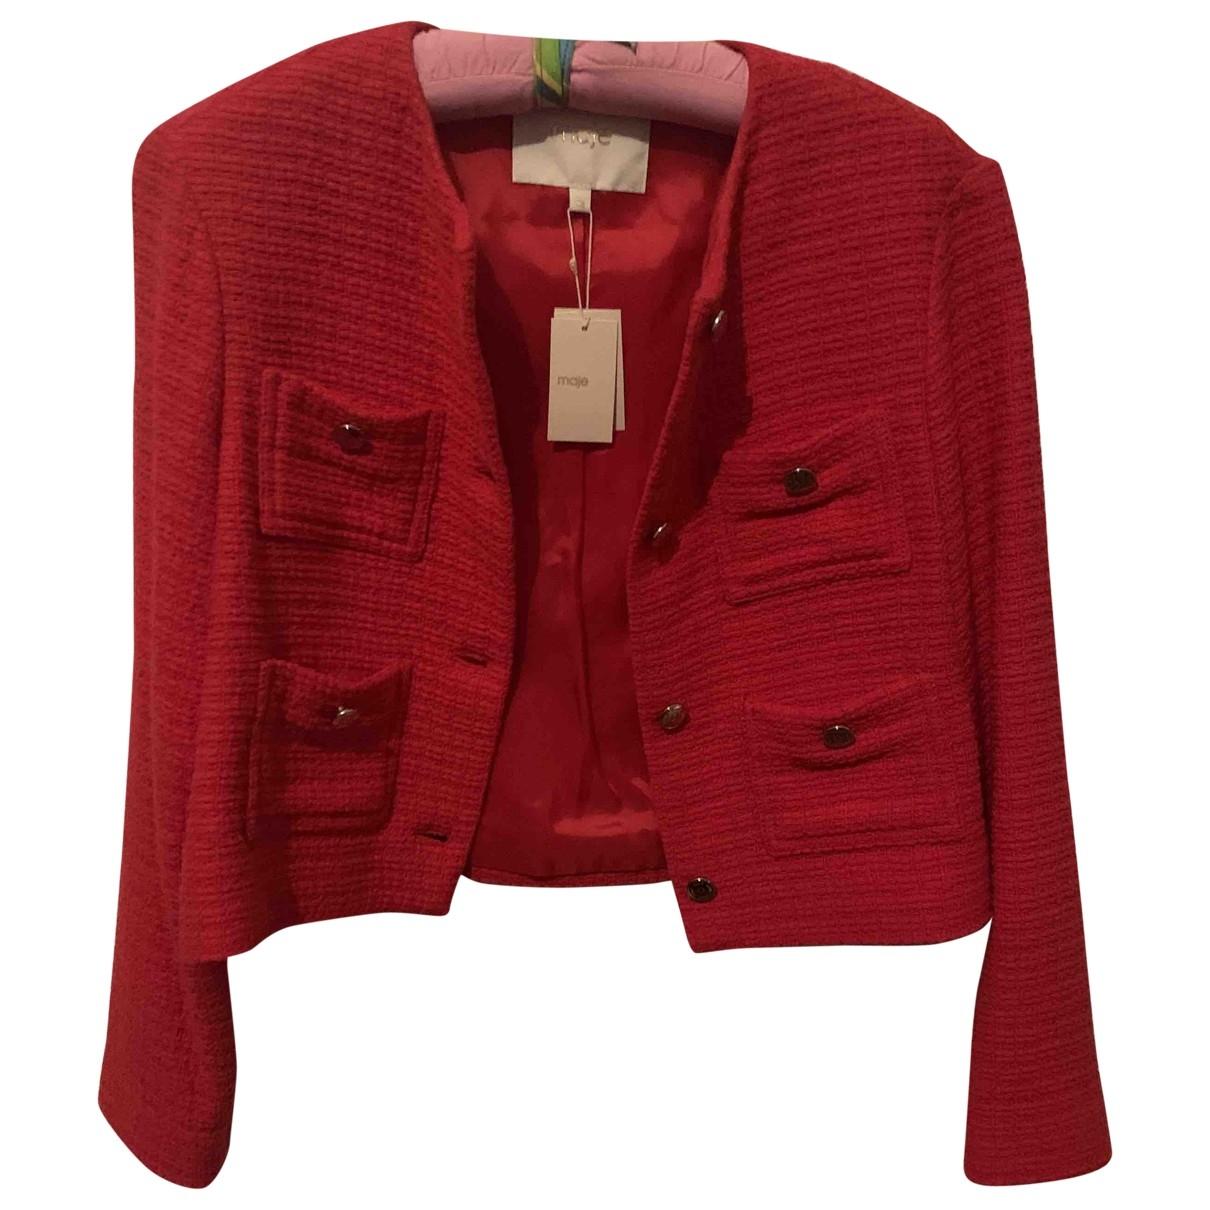 Maje Spring Summer 2019 Red jacket for Women 38 FR